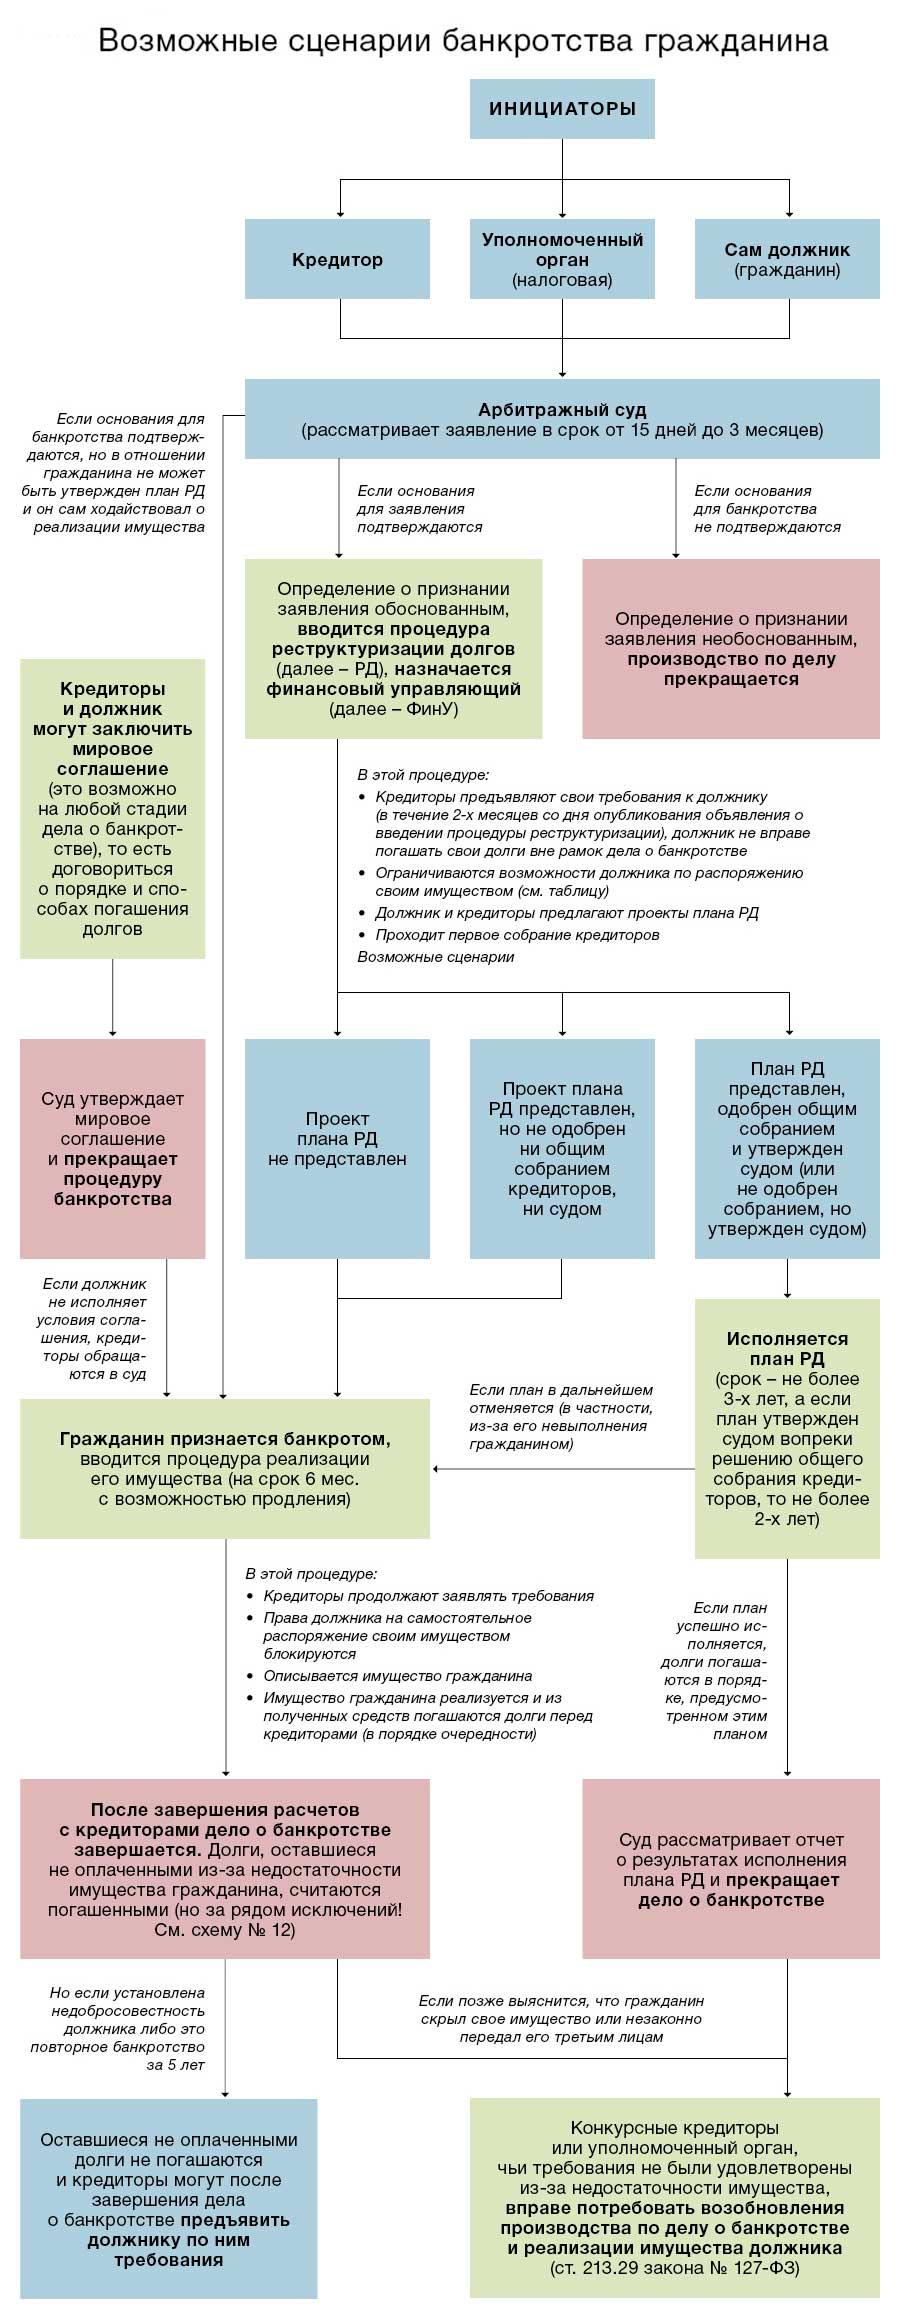 Изображение - Порядок процедуры банкротства физлиц, правовые последствия при отсутствии имущества bankrotstvo_3